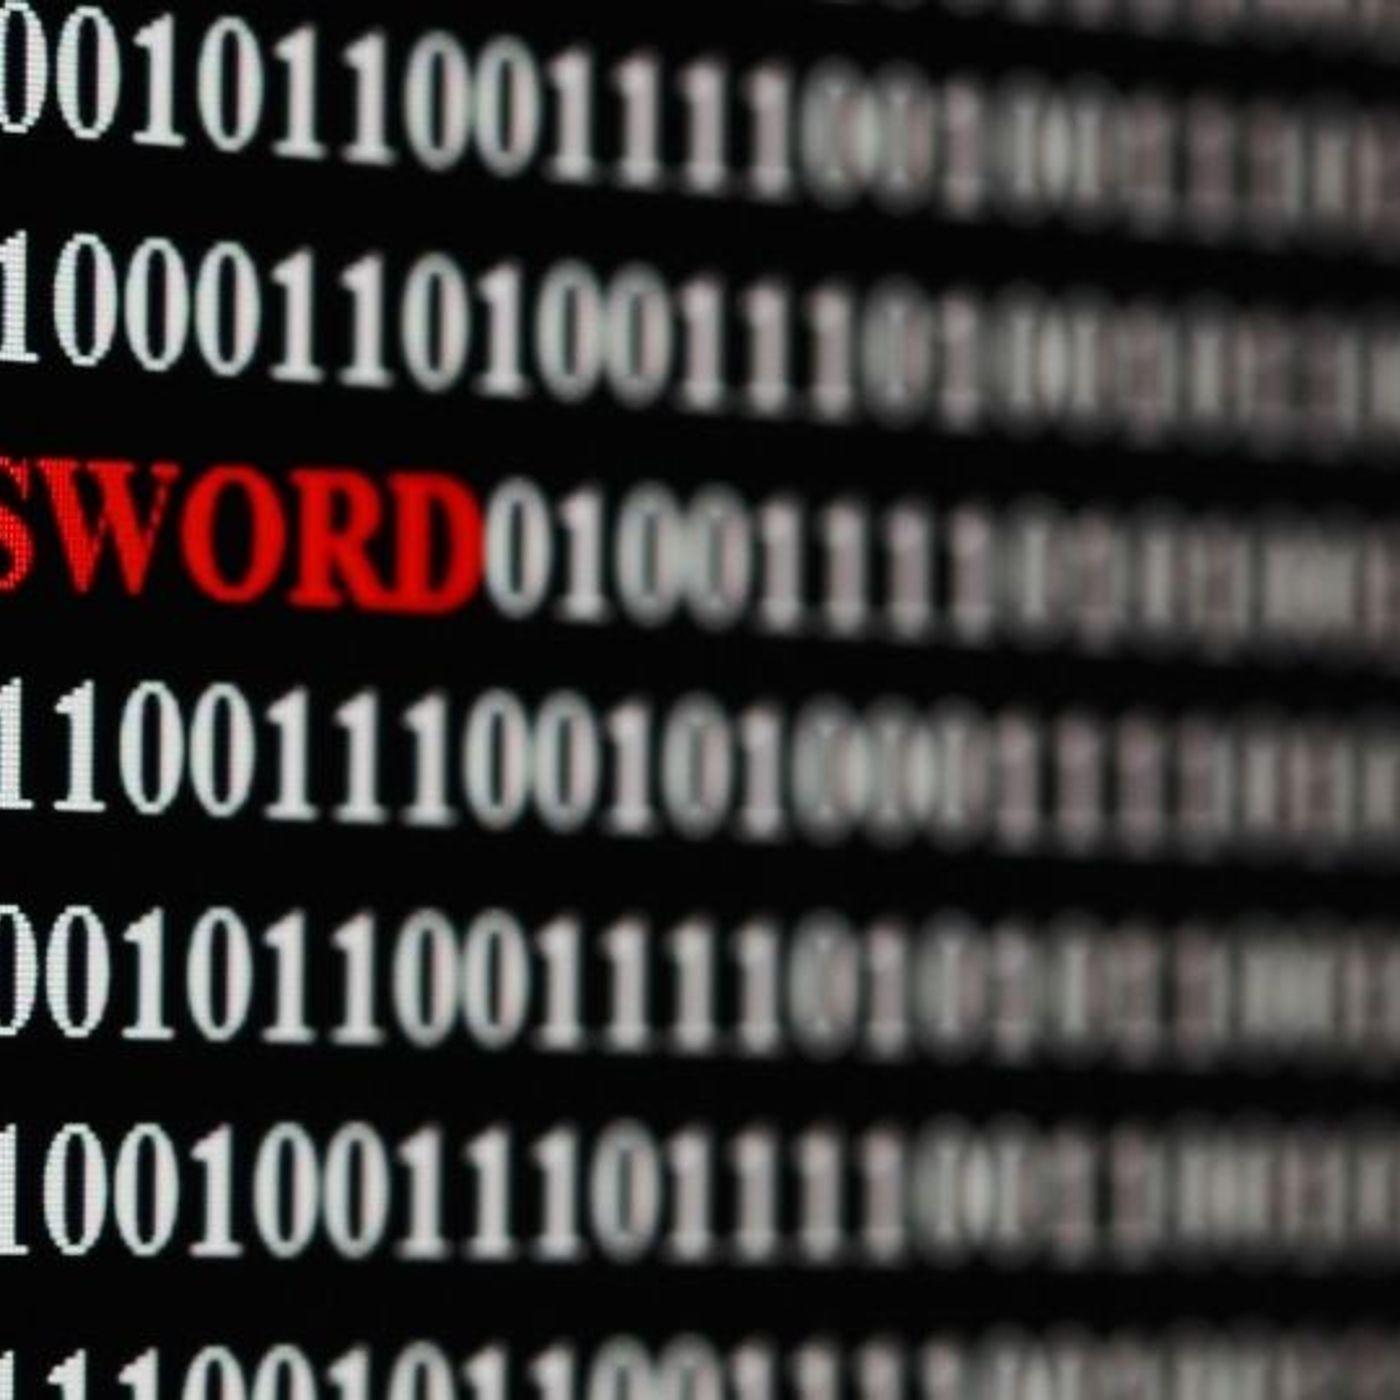 Come proteggere le password dai criminali?